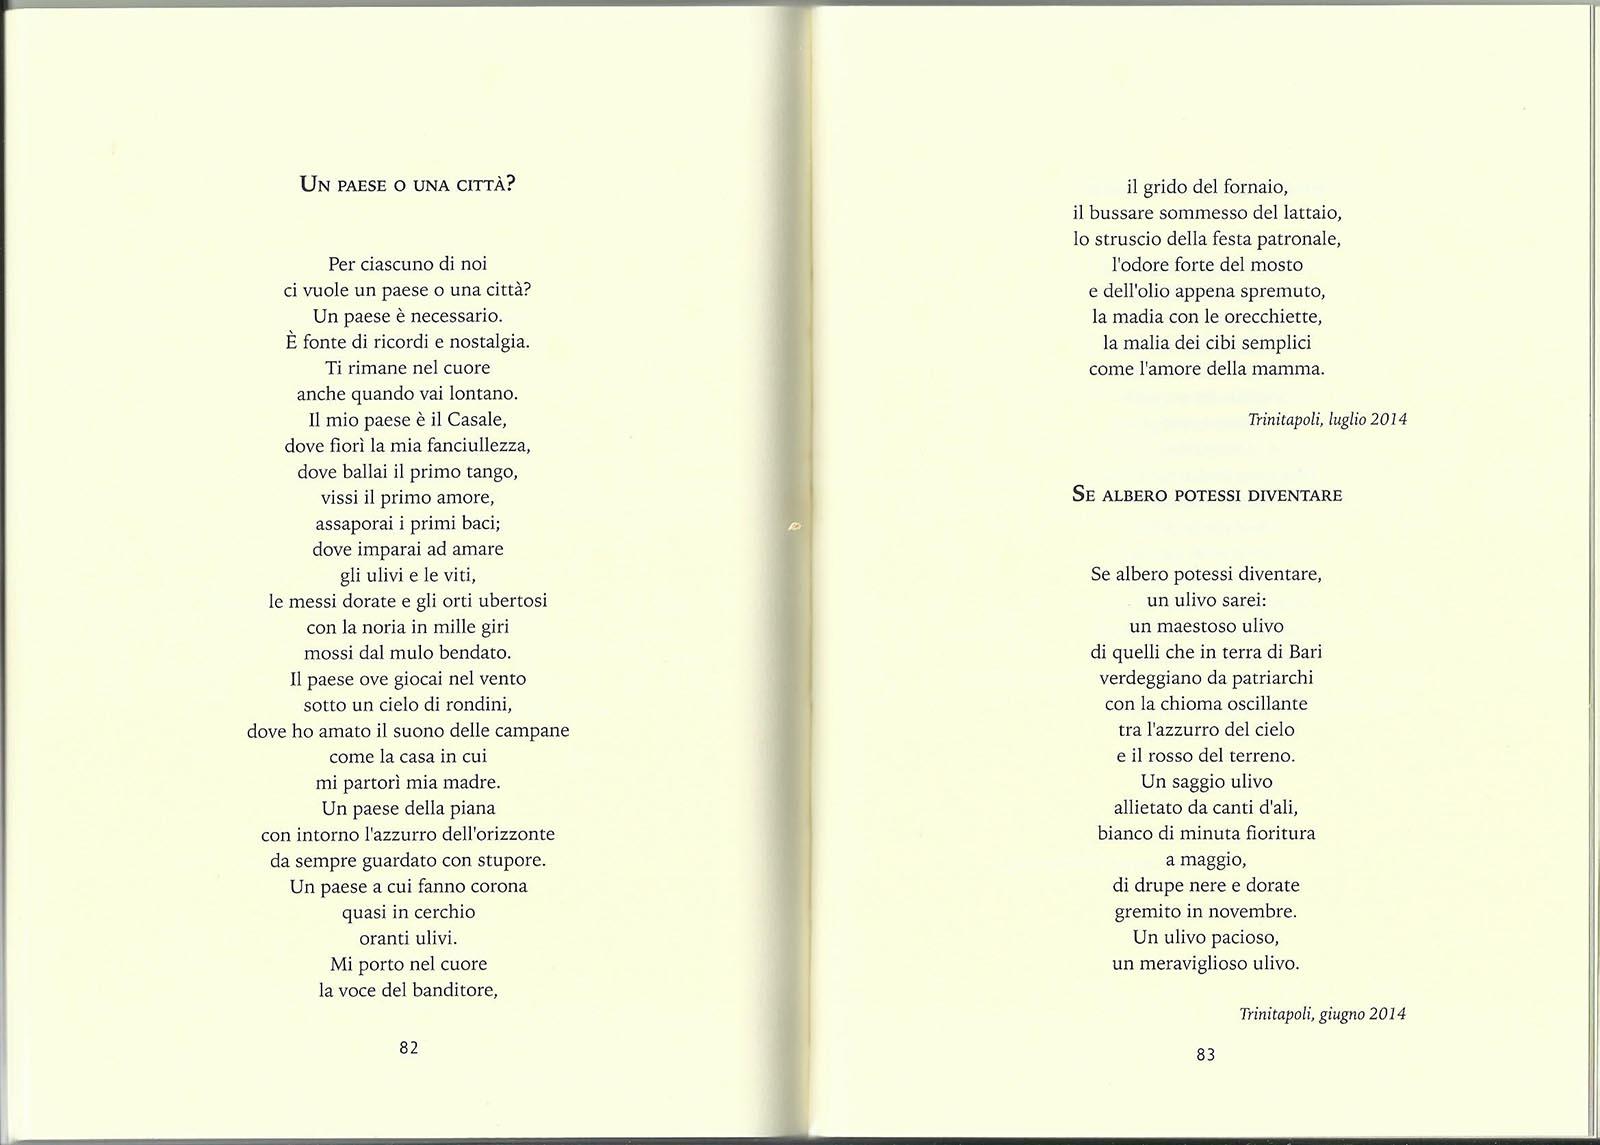 Grazia Stella Elia - Un paese o una città